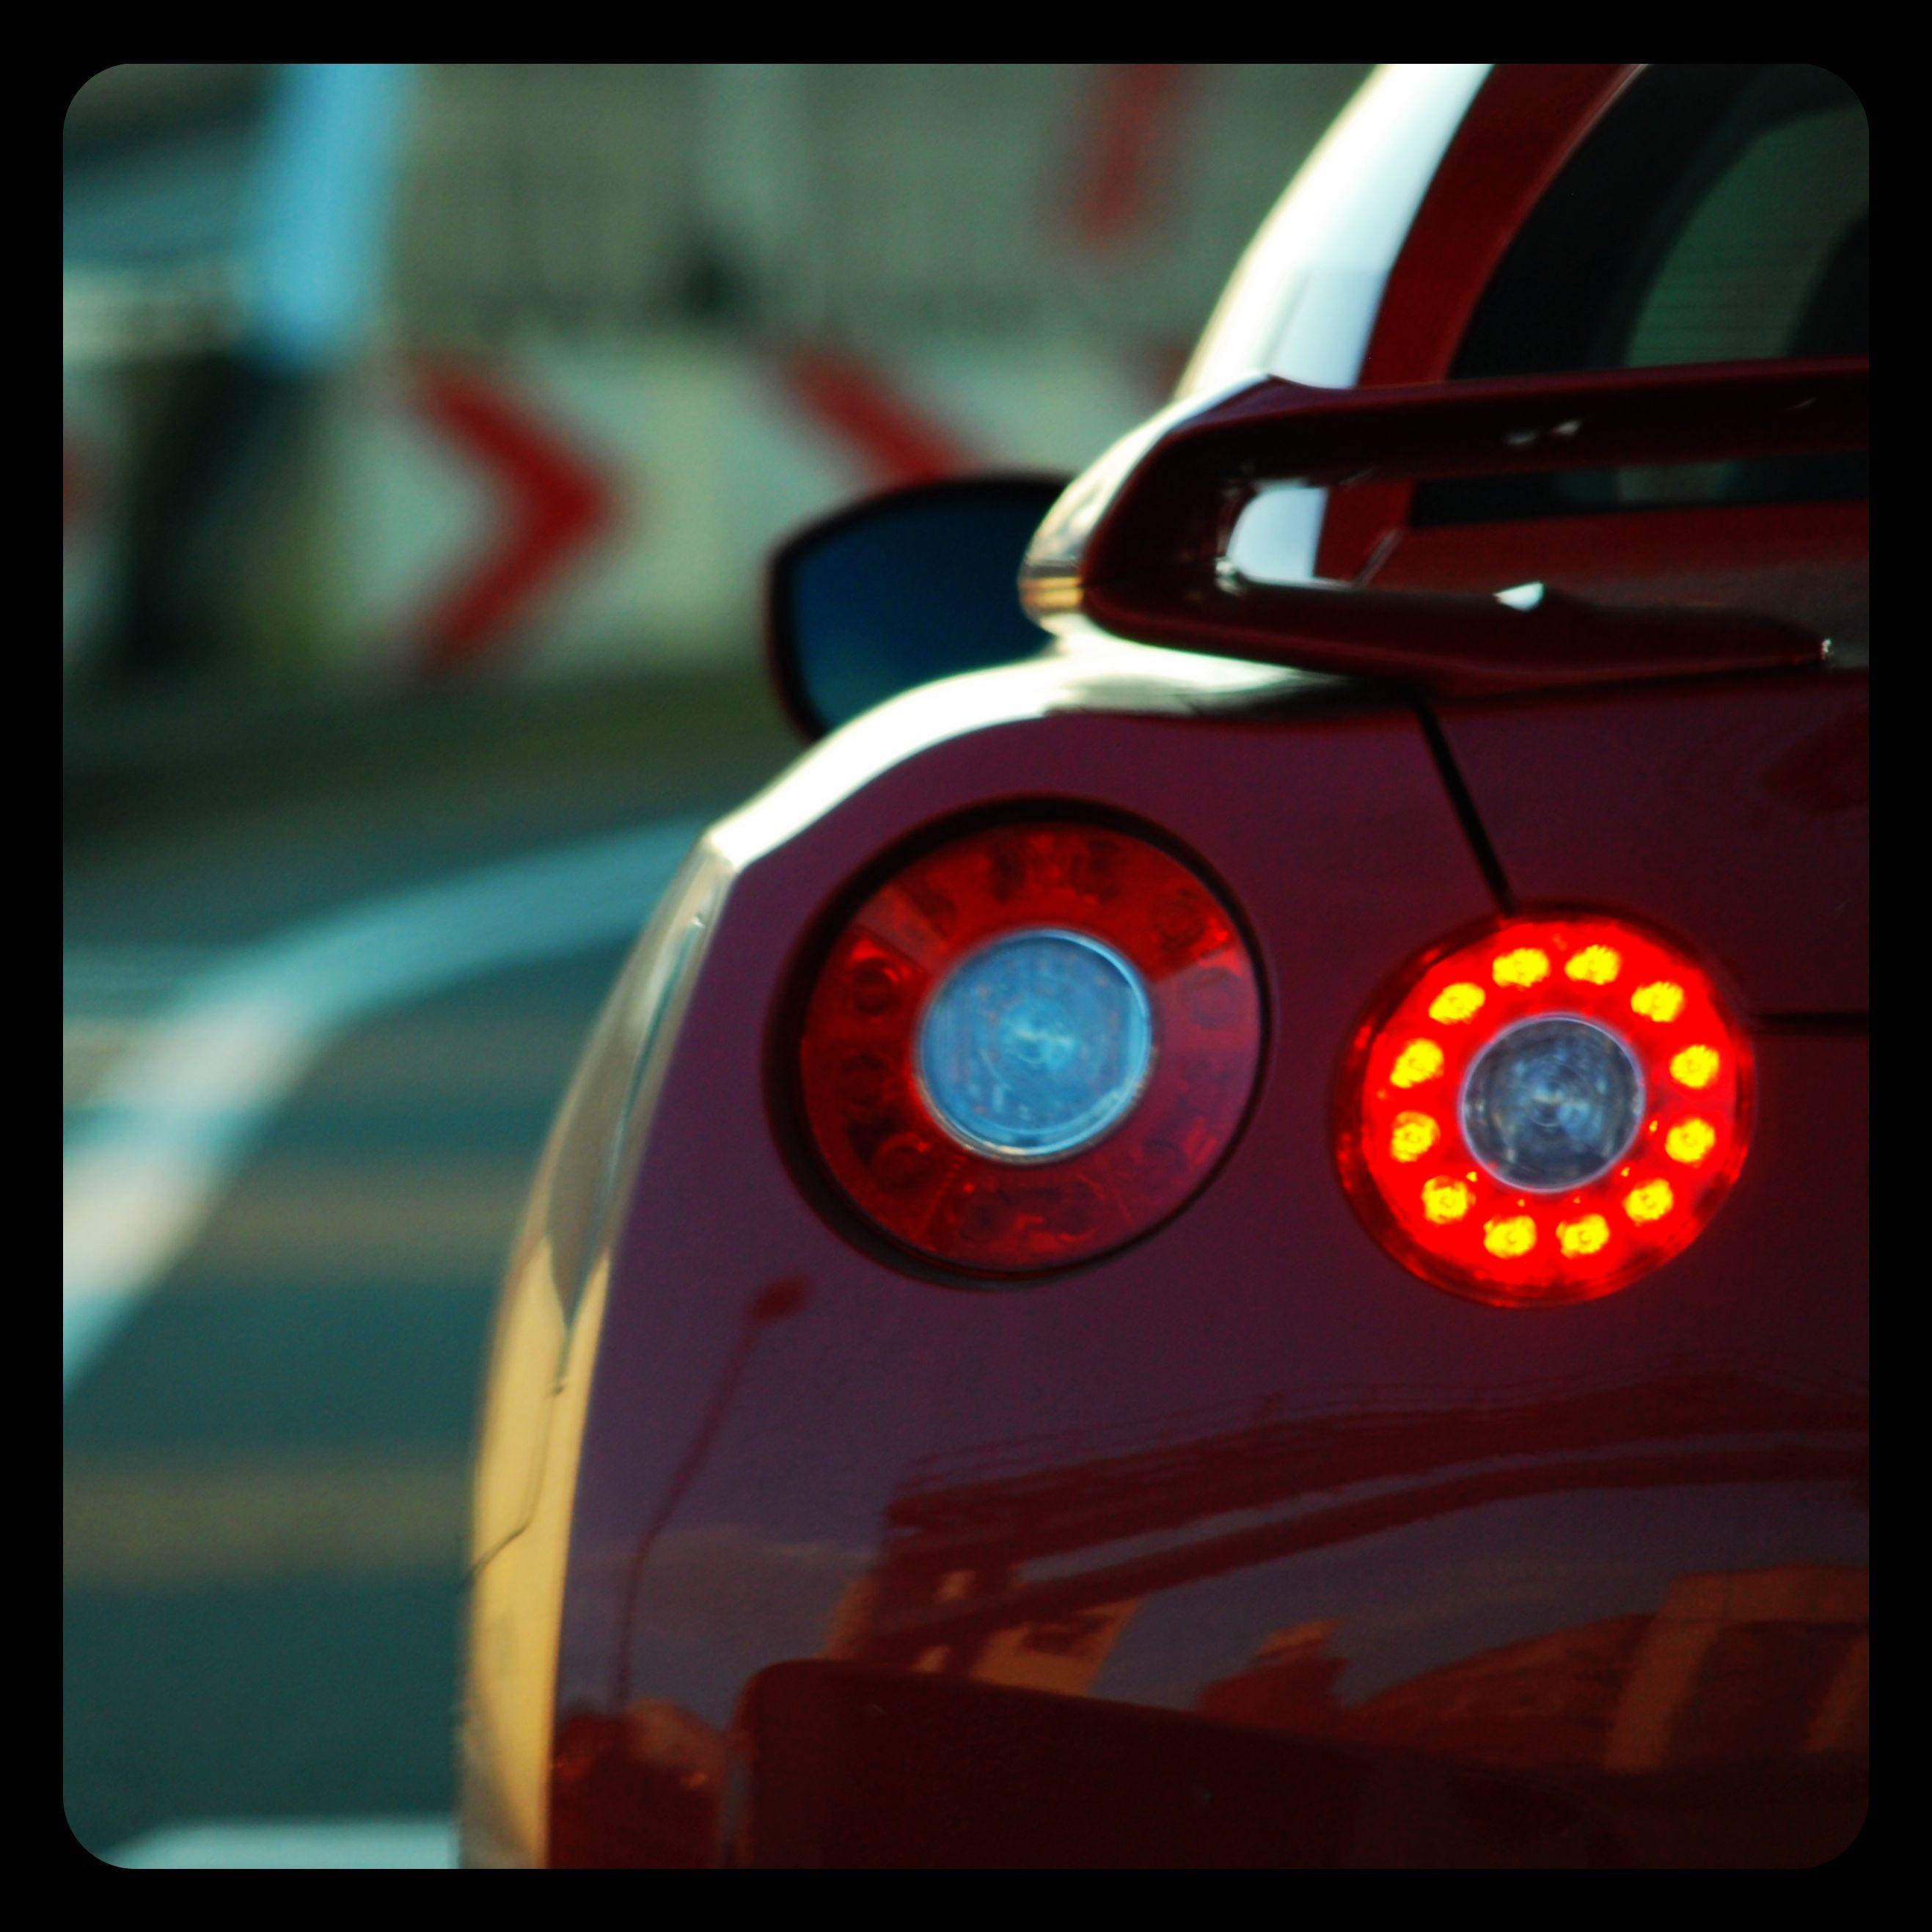 Nissan r35 gtr nissan r35 skyline gtr gtr